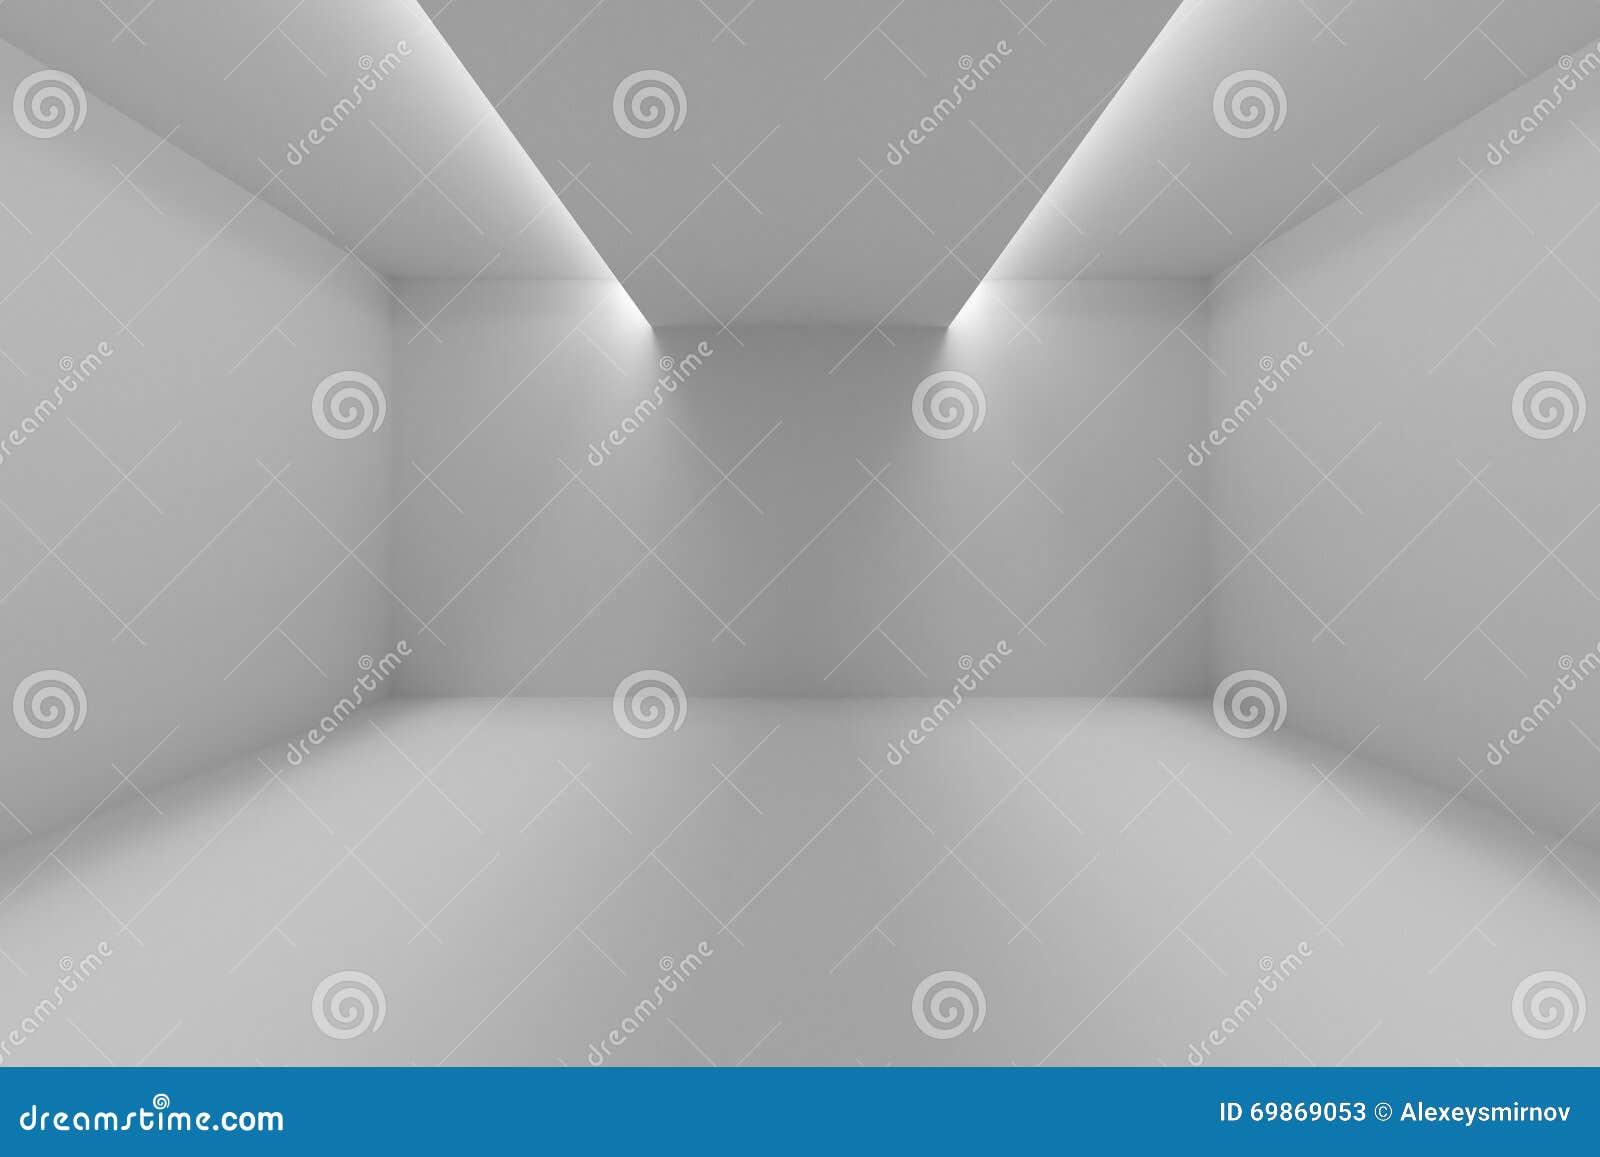 Leerer Raum Mit Weißen Wänden Und Lichtern In Der Decke Stock ...